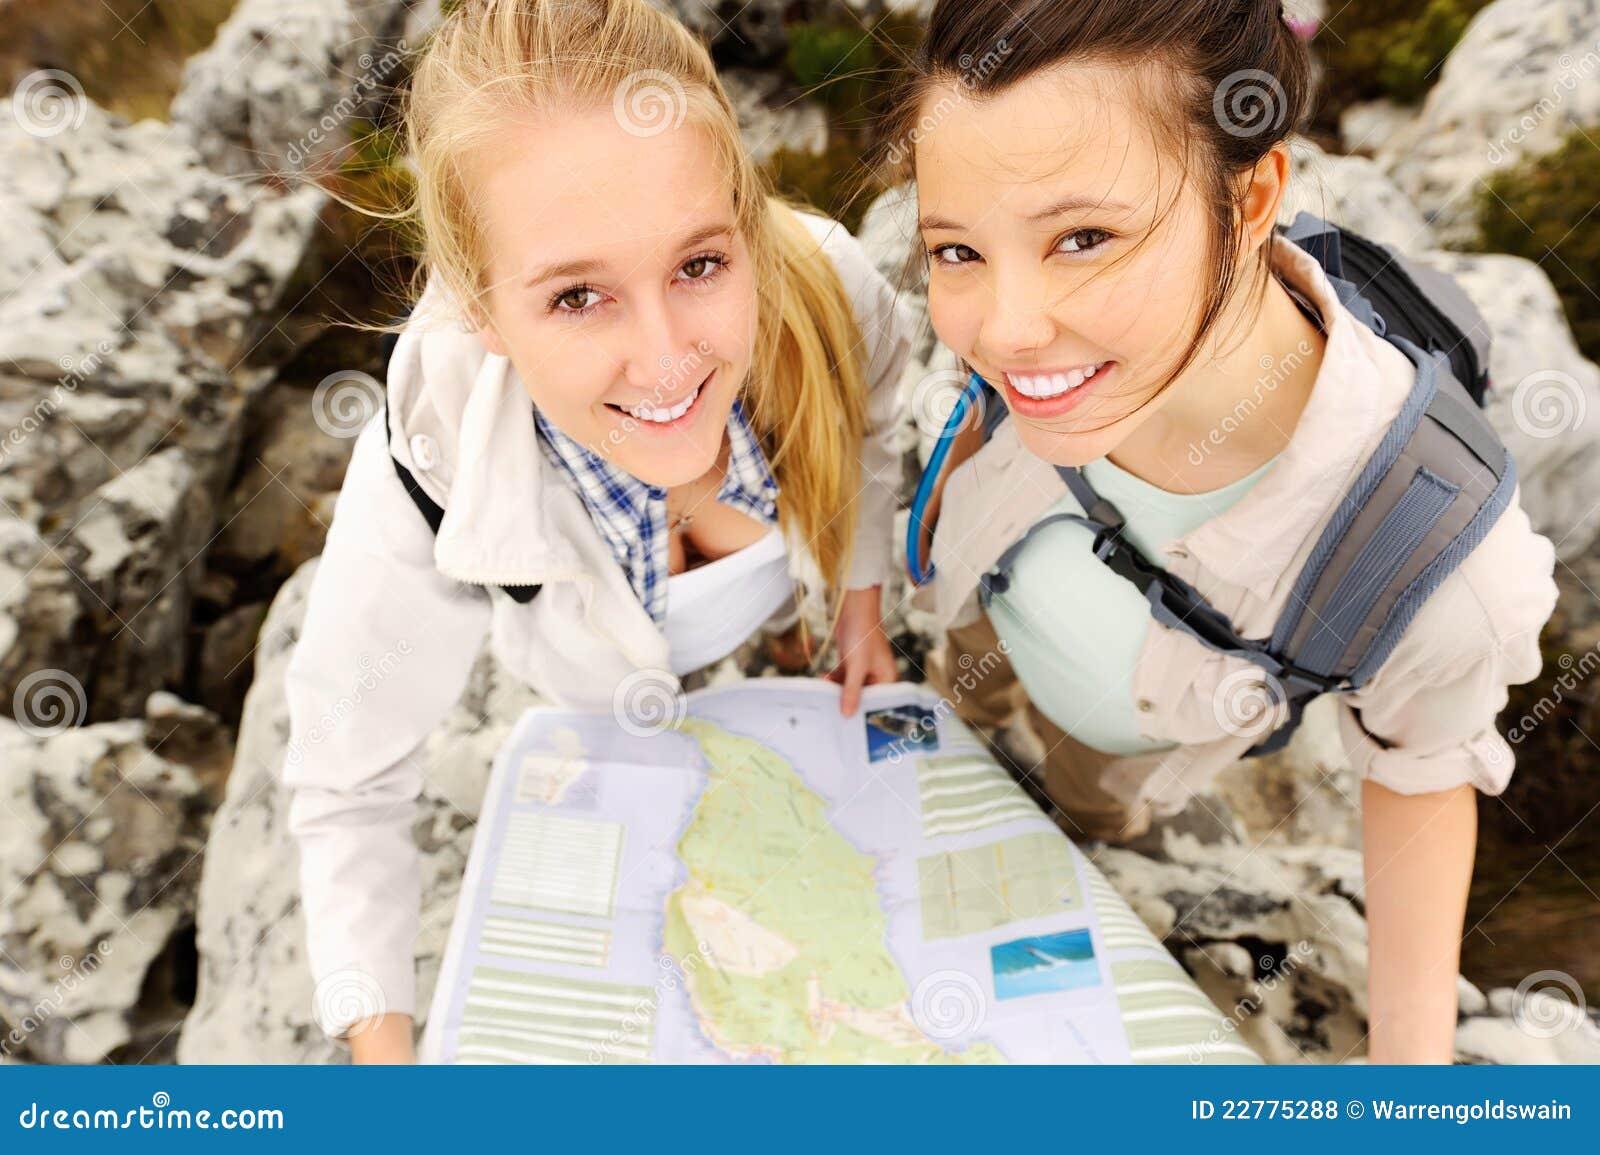 Ξένοιαστοι οδοιπόροι με έναν χάρτη